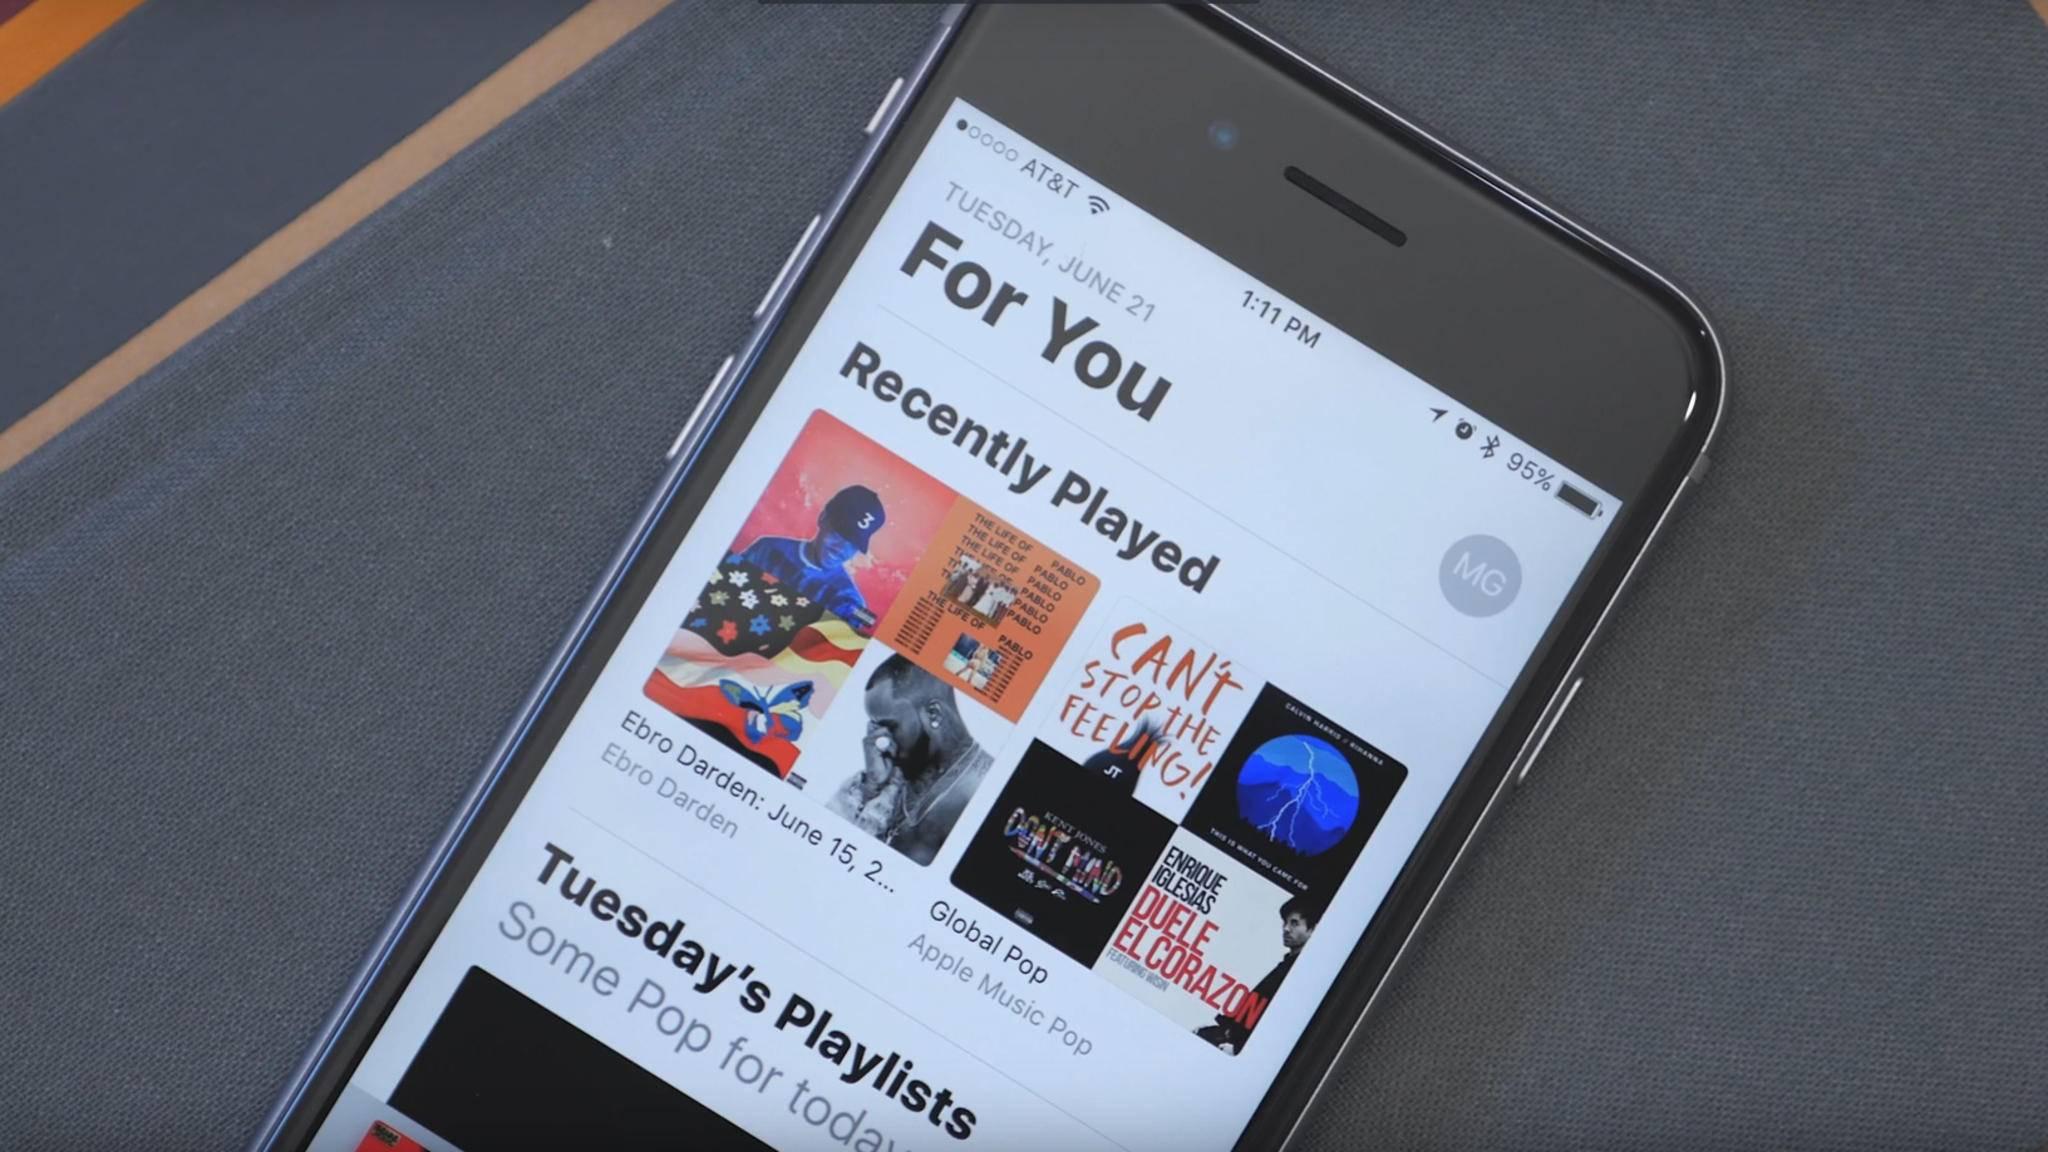 Musik streamen geht auch ohne AirPlay – und zwar per Bluetooth.